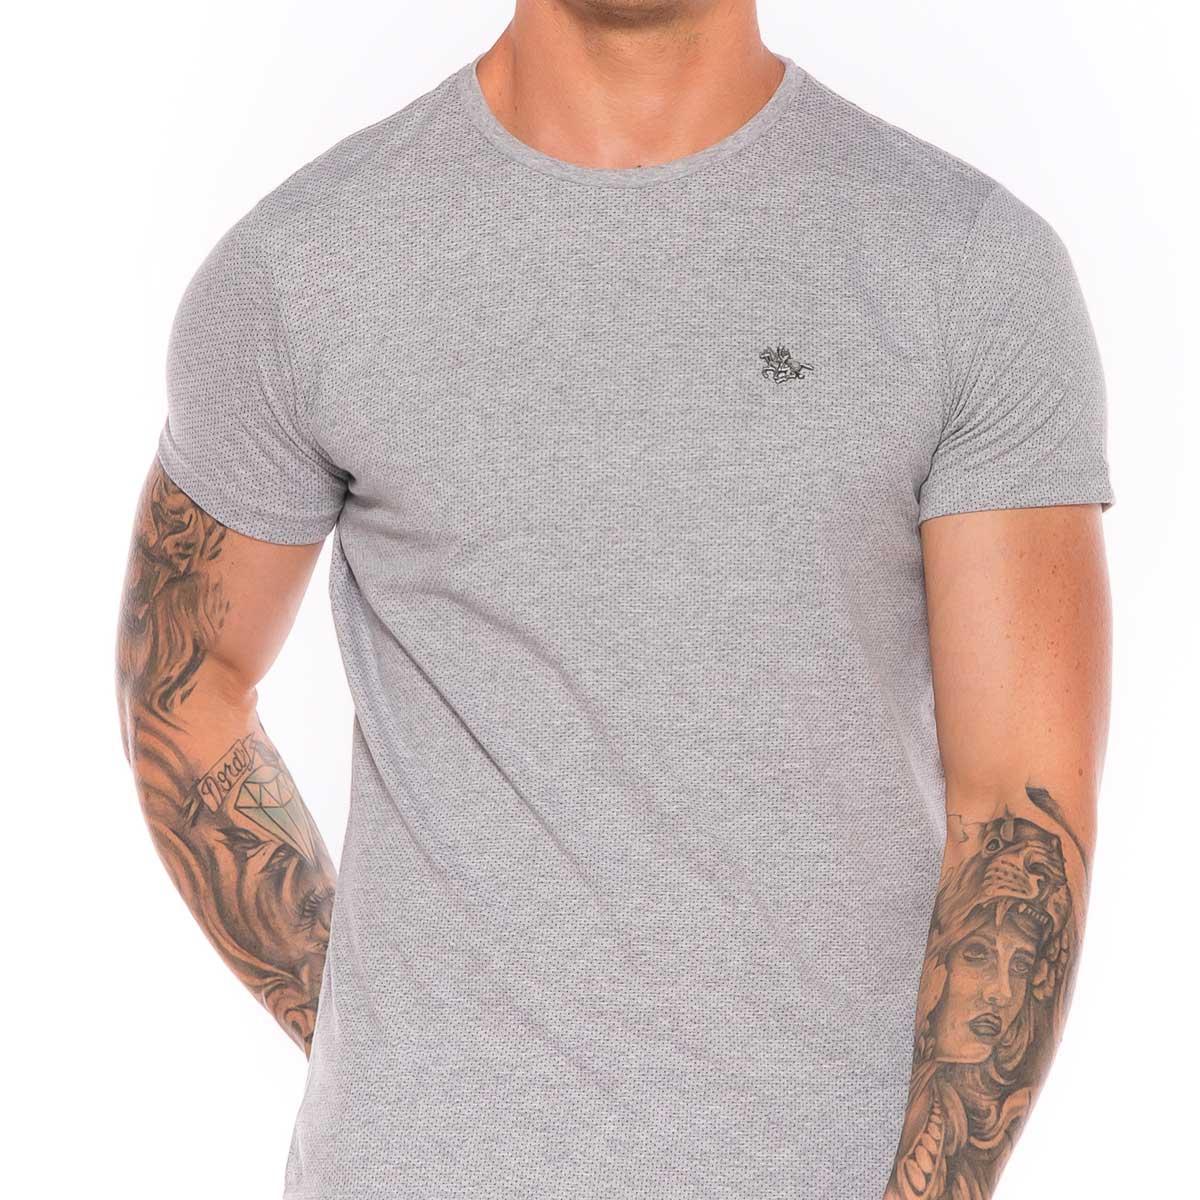 kIt com 2 e leve 3 Camisetas Masculinas Malha pontilhada e Logo Metalizado